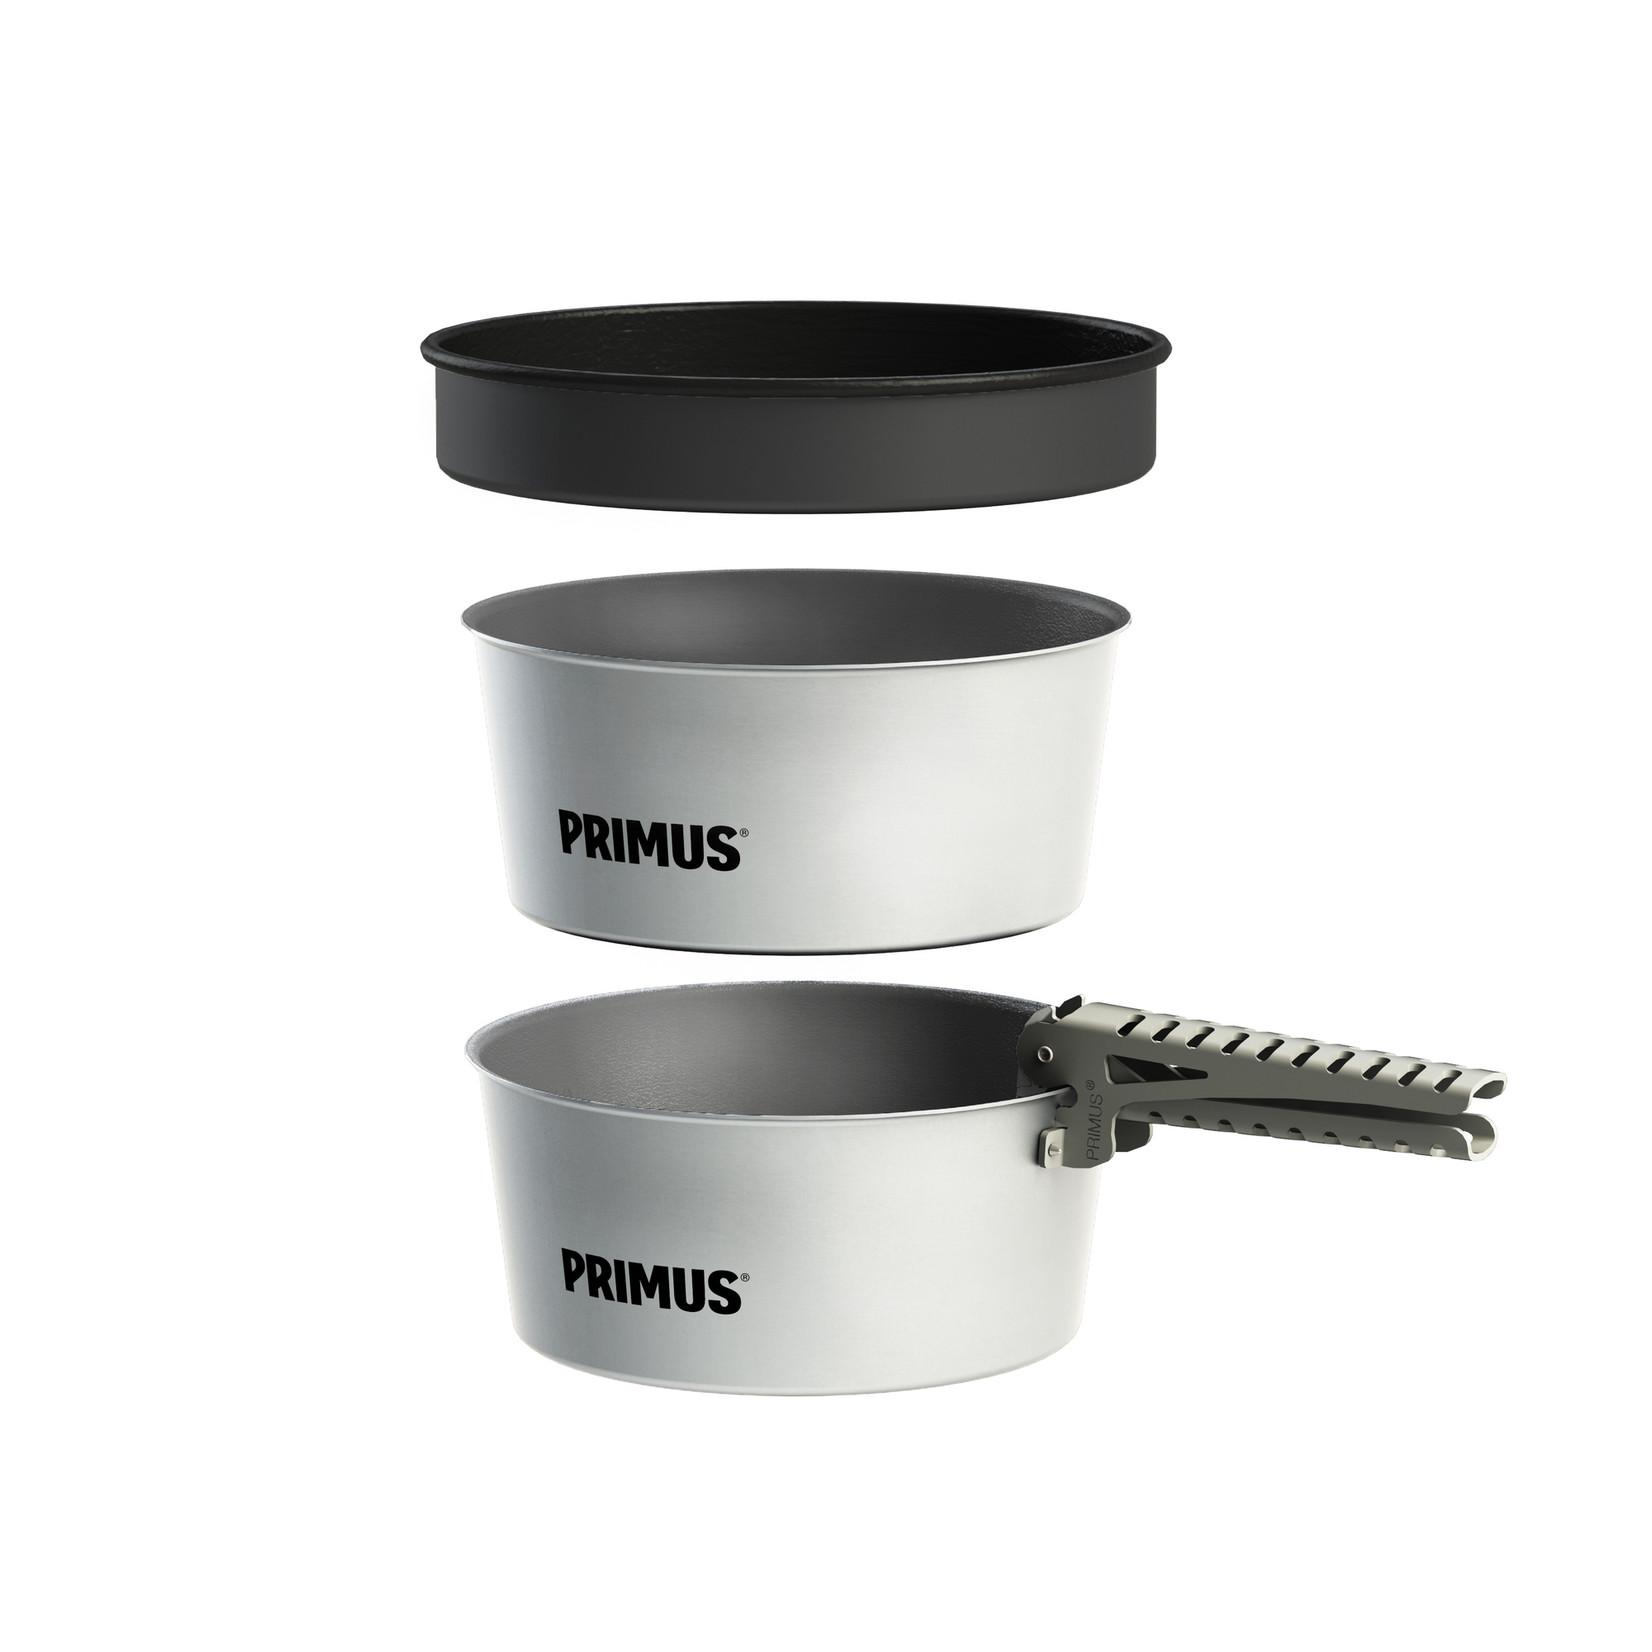 Primus Primus Essential pannenset 1,3 liter 3-delig, aluminium